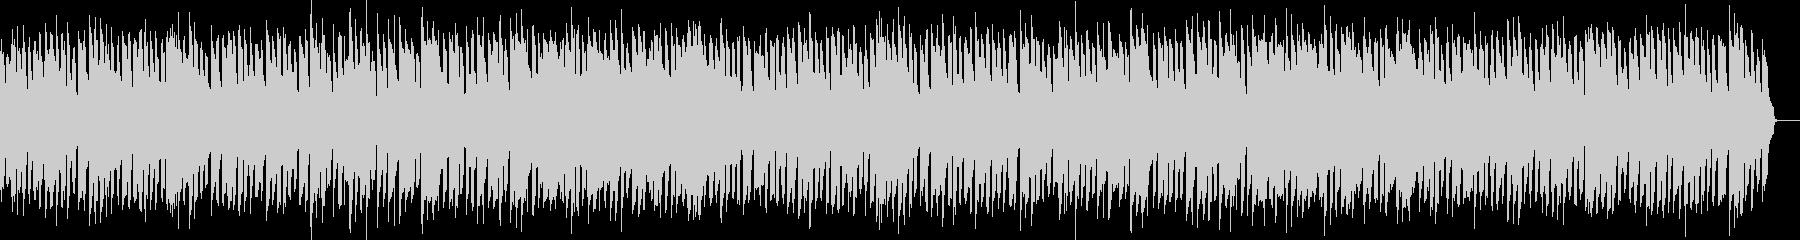 ほのぼのしたリコーダーとピアノのBGMの未再生の波形